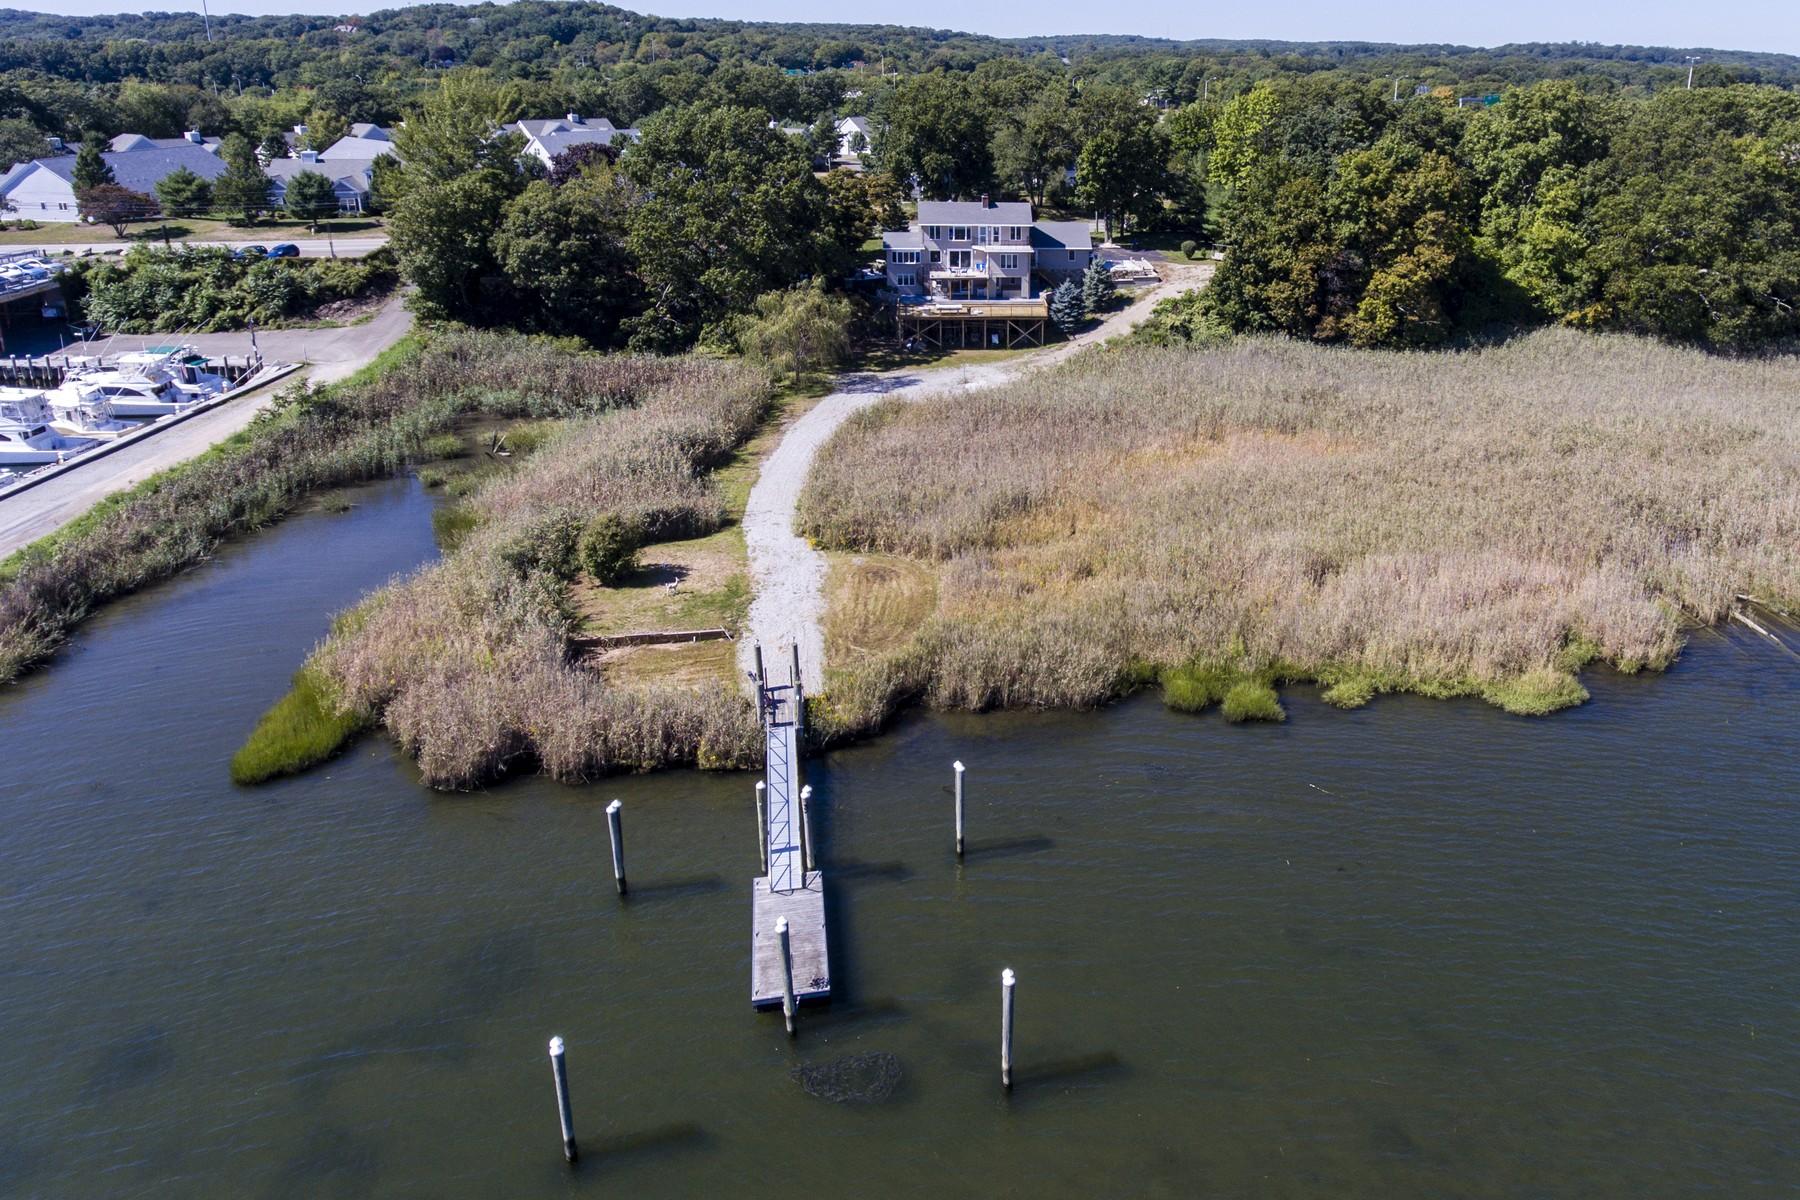 Maison unifamiliale pour l Vente à Waterfront Property With Breathtaking Views 180 Ferry Road Old Saybrook, Connecticut, 06475 États-Unis